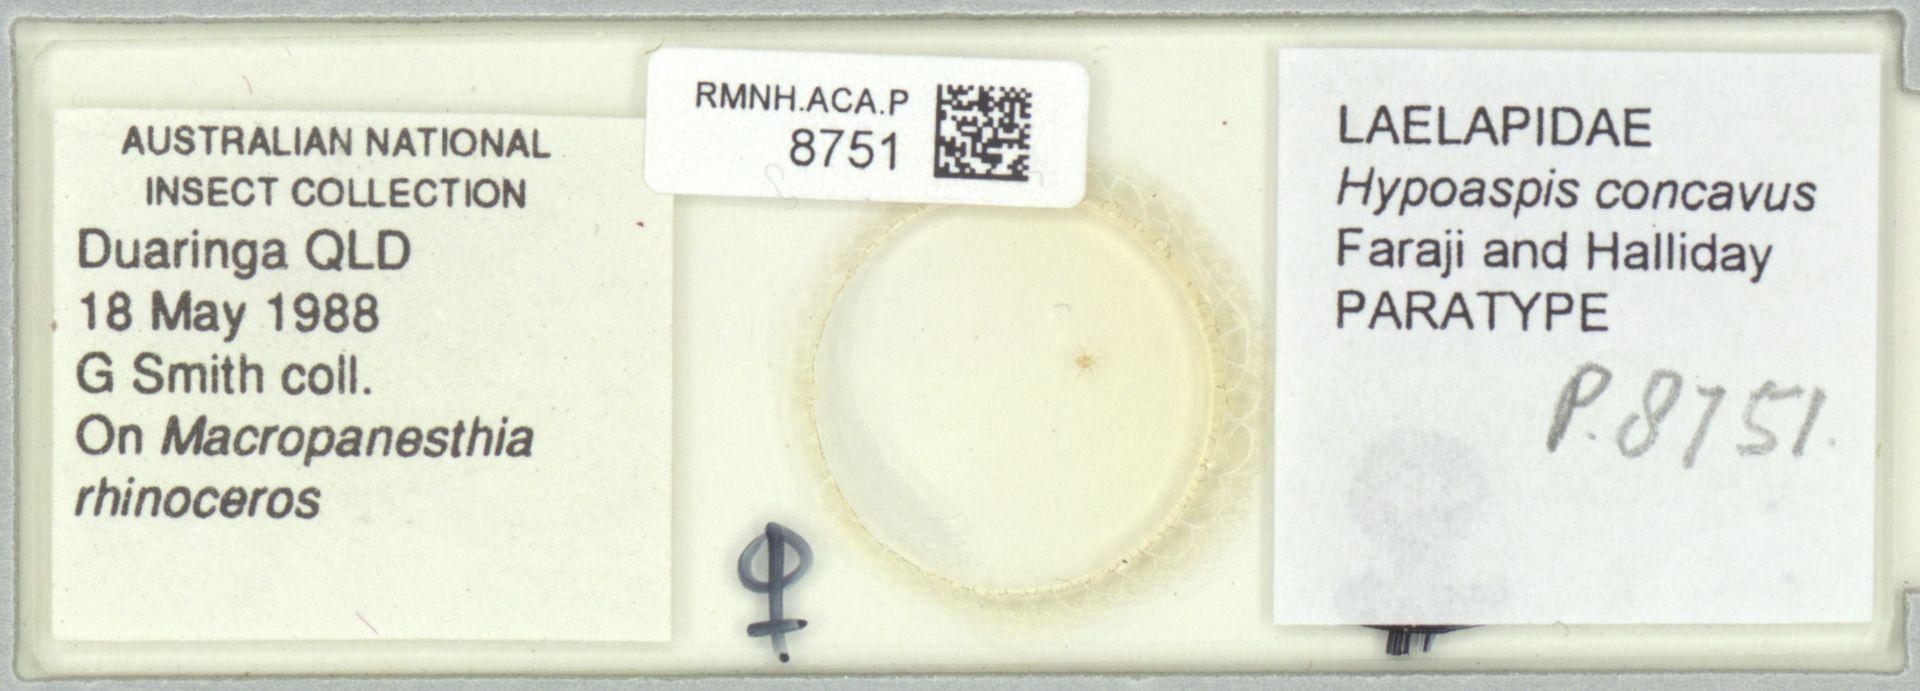 RMNH.ACA.P.8751 | Hypoaspis concavus Faraji and Halliday